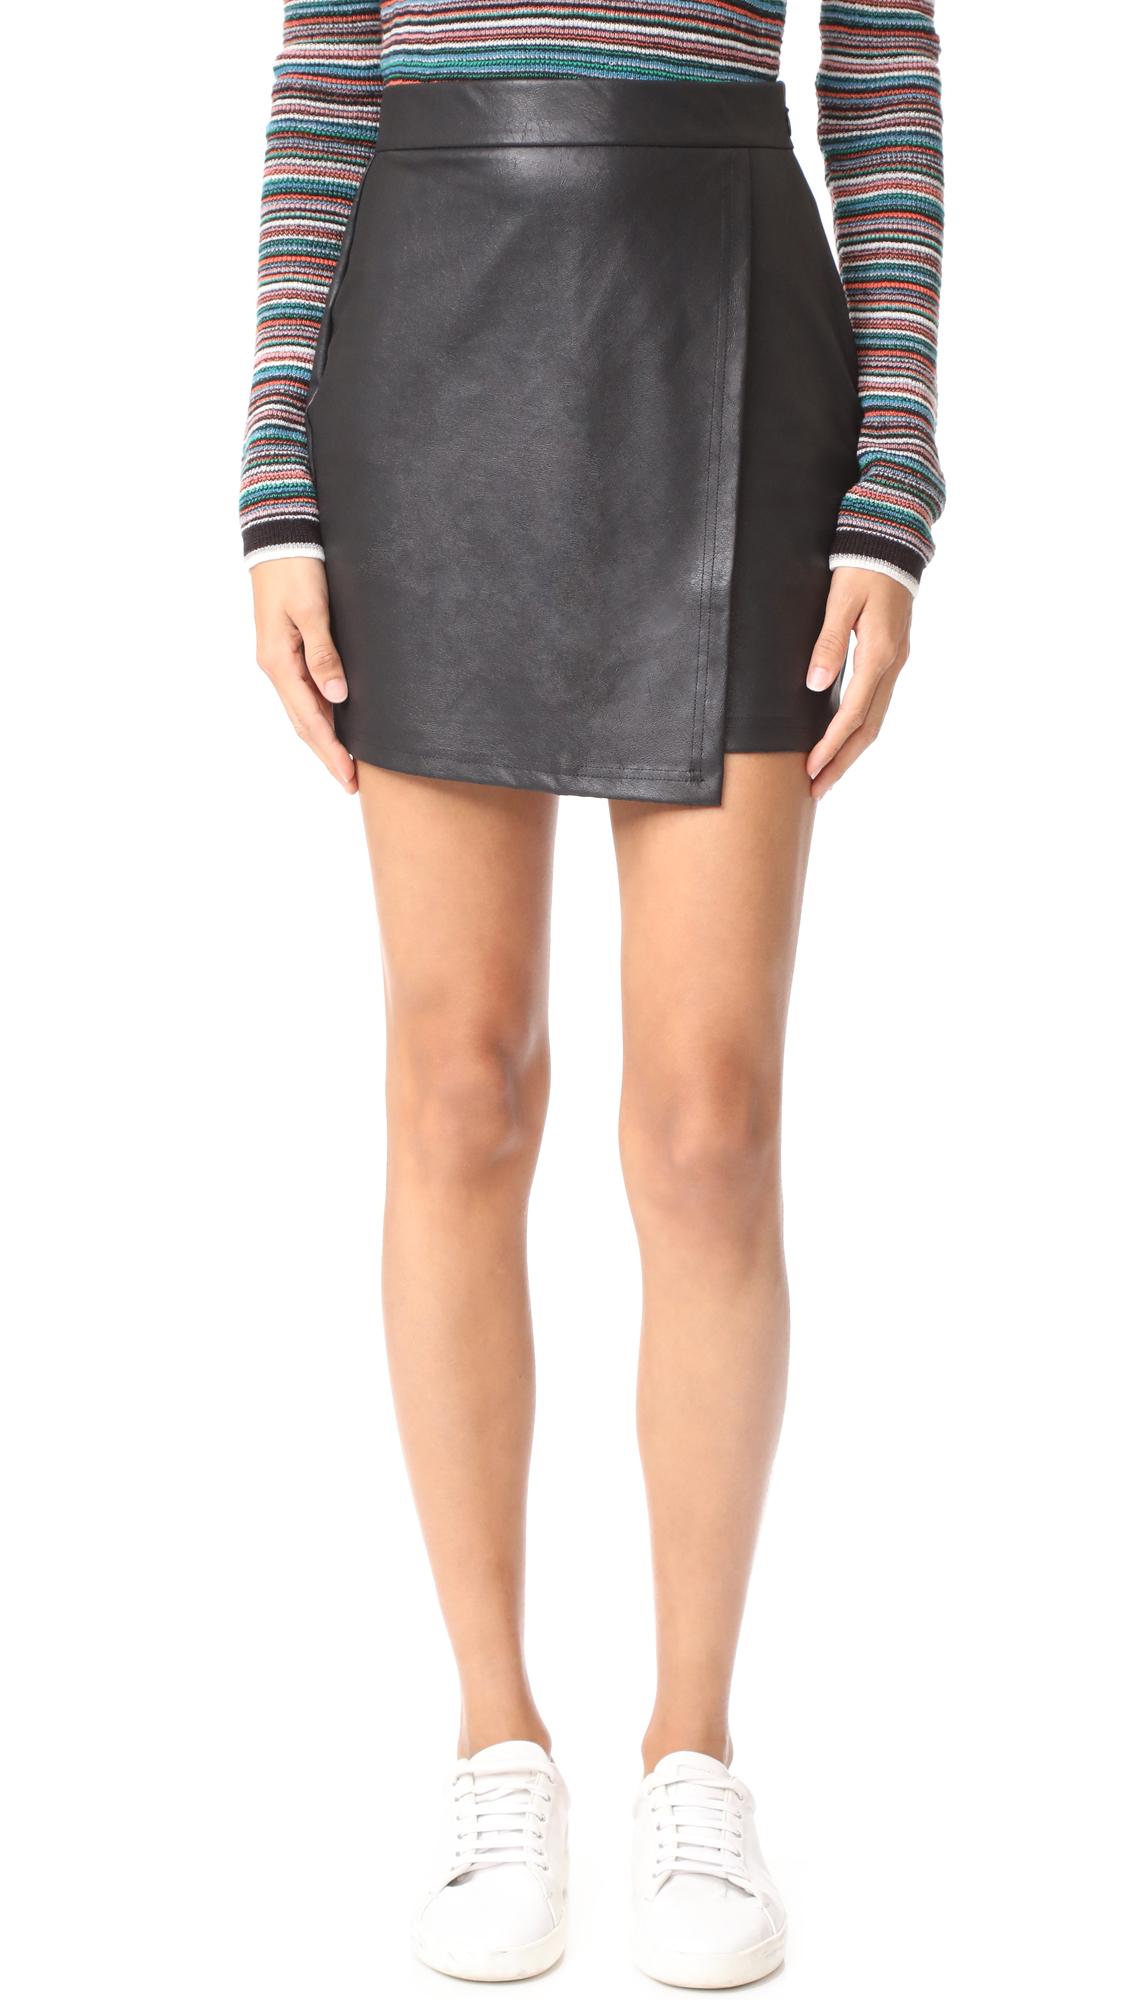 Splendid Faux Leather Skirt - Black